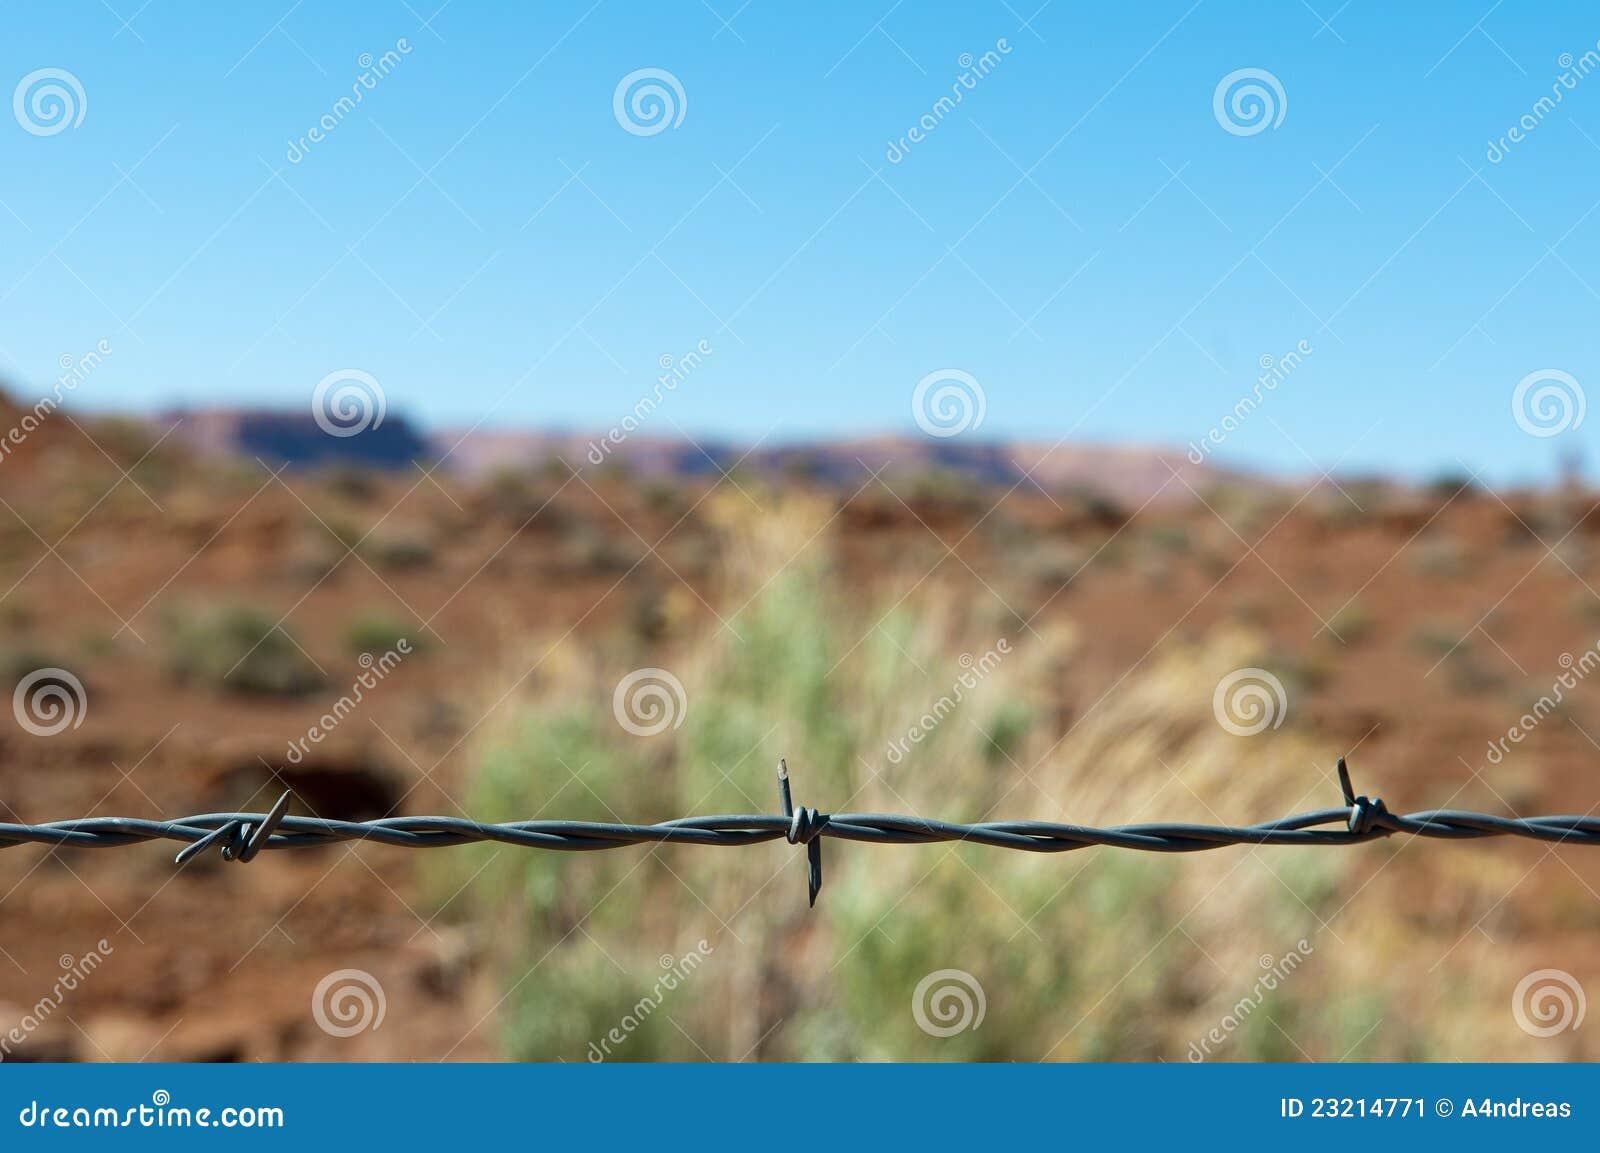 Stacheldraht Als Teiler Zu Einer Wüste Stockbild - Bild von ...